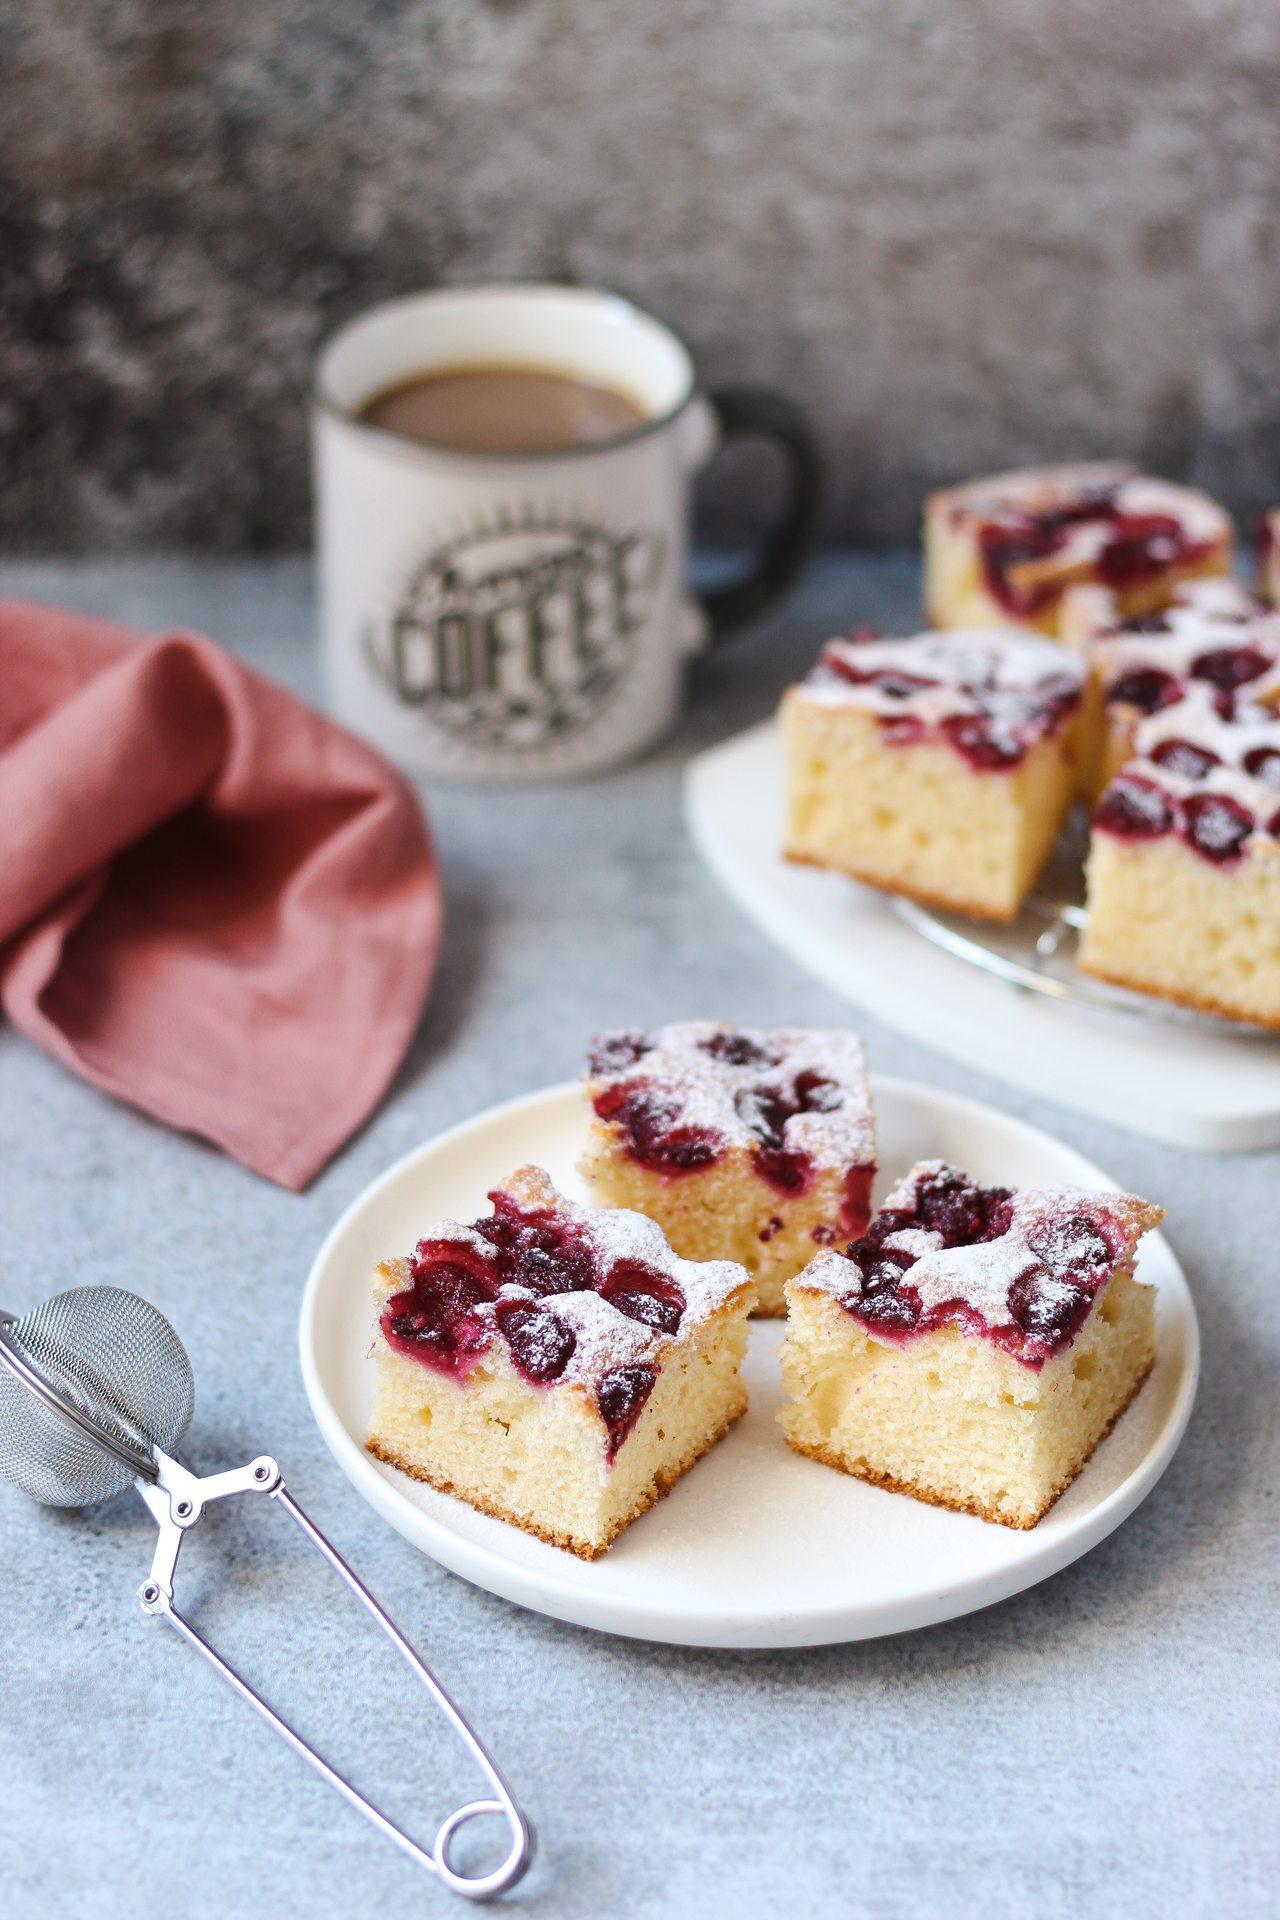 Brzi kolač sa kiselom pavlakom i malinama 3